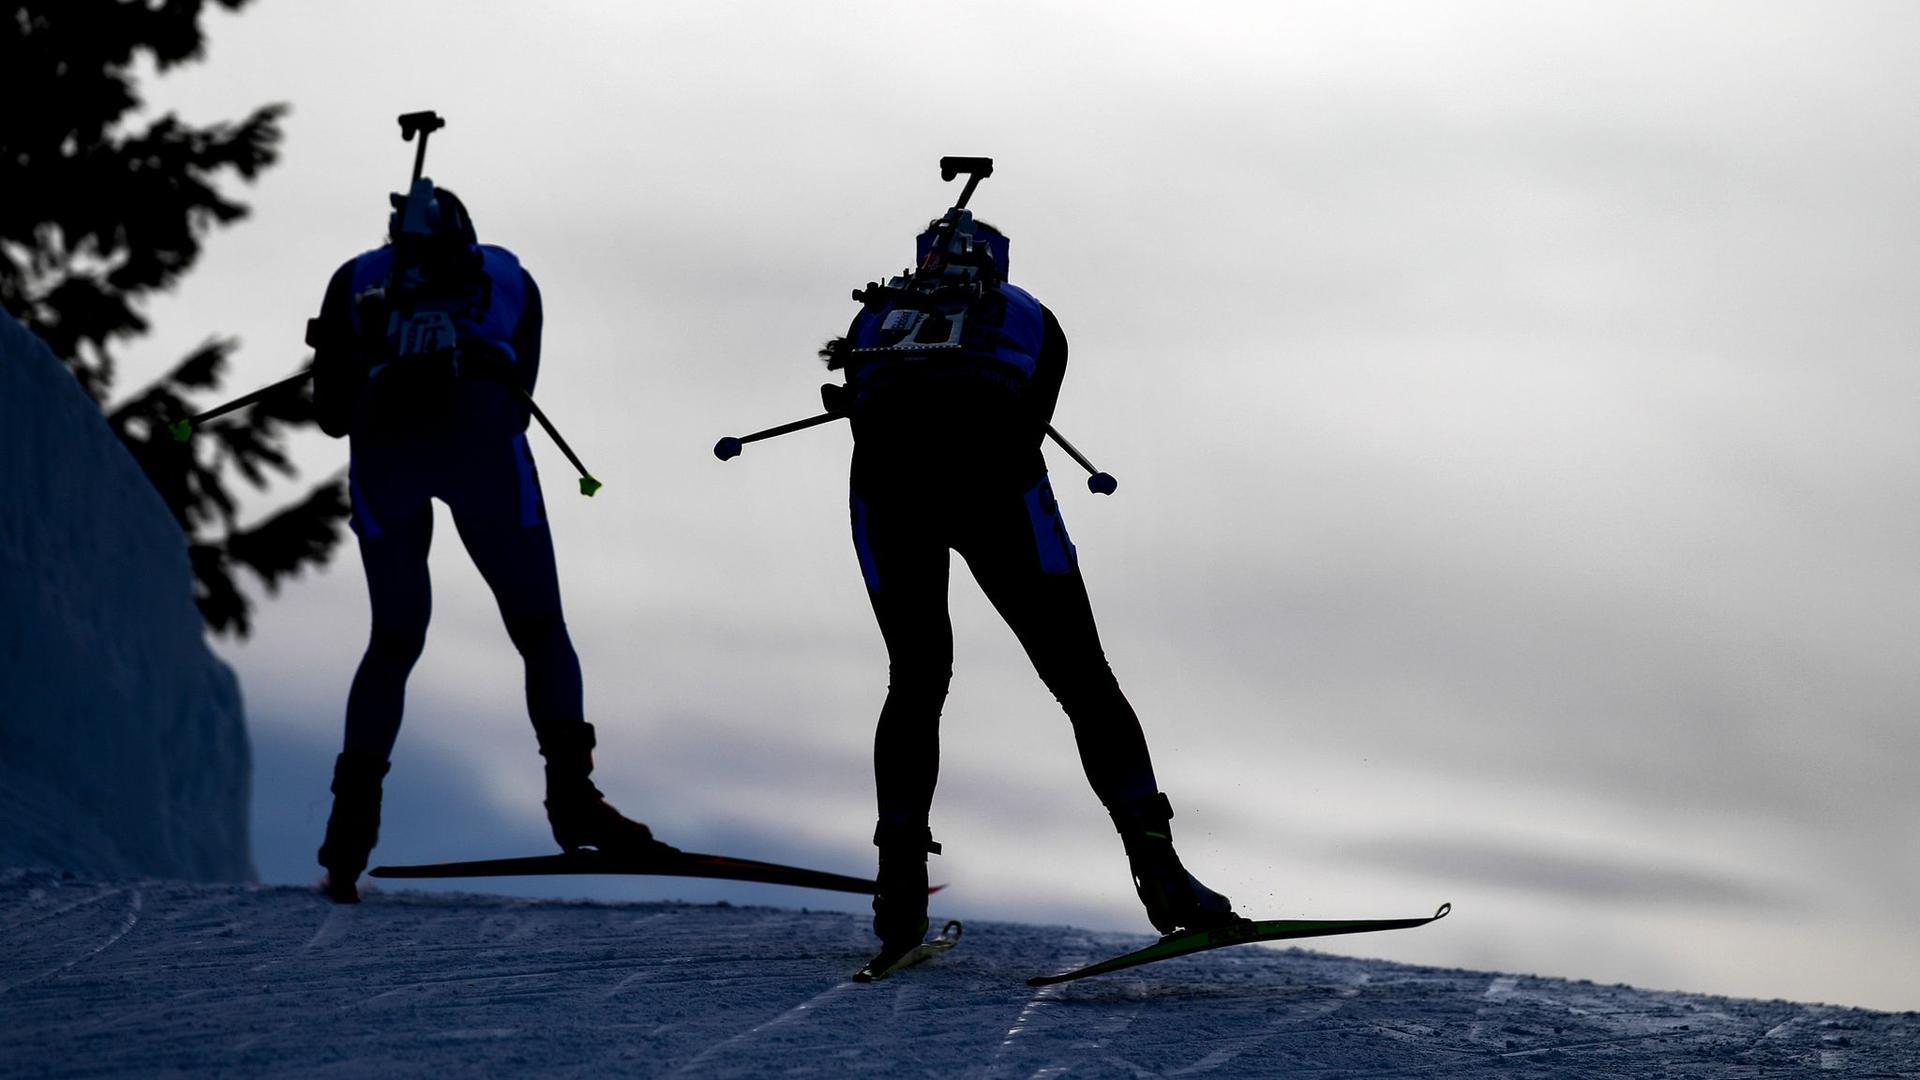 Aufgrund der Corona-Situation kann sich bei den Wintersportarten der Termin-Kalender jederzeit verändern.